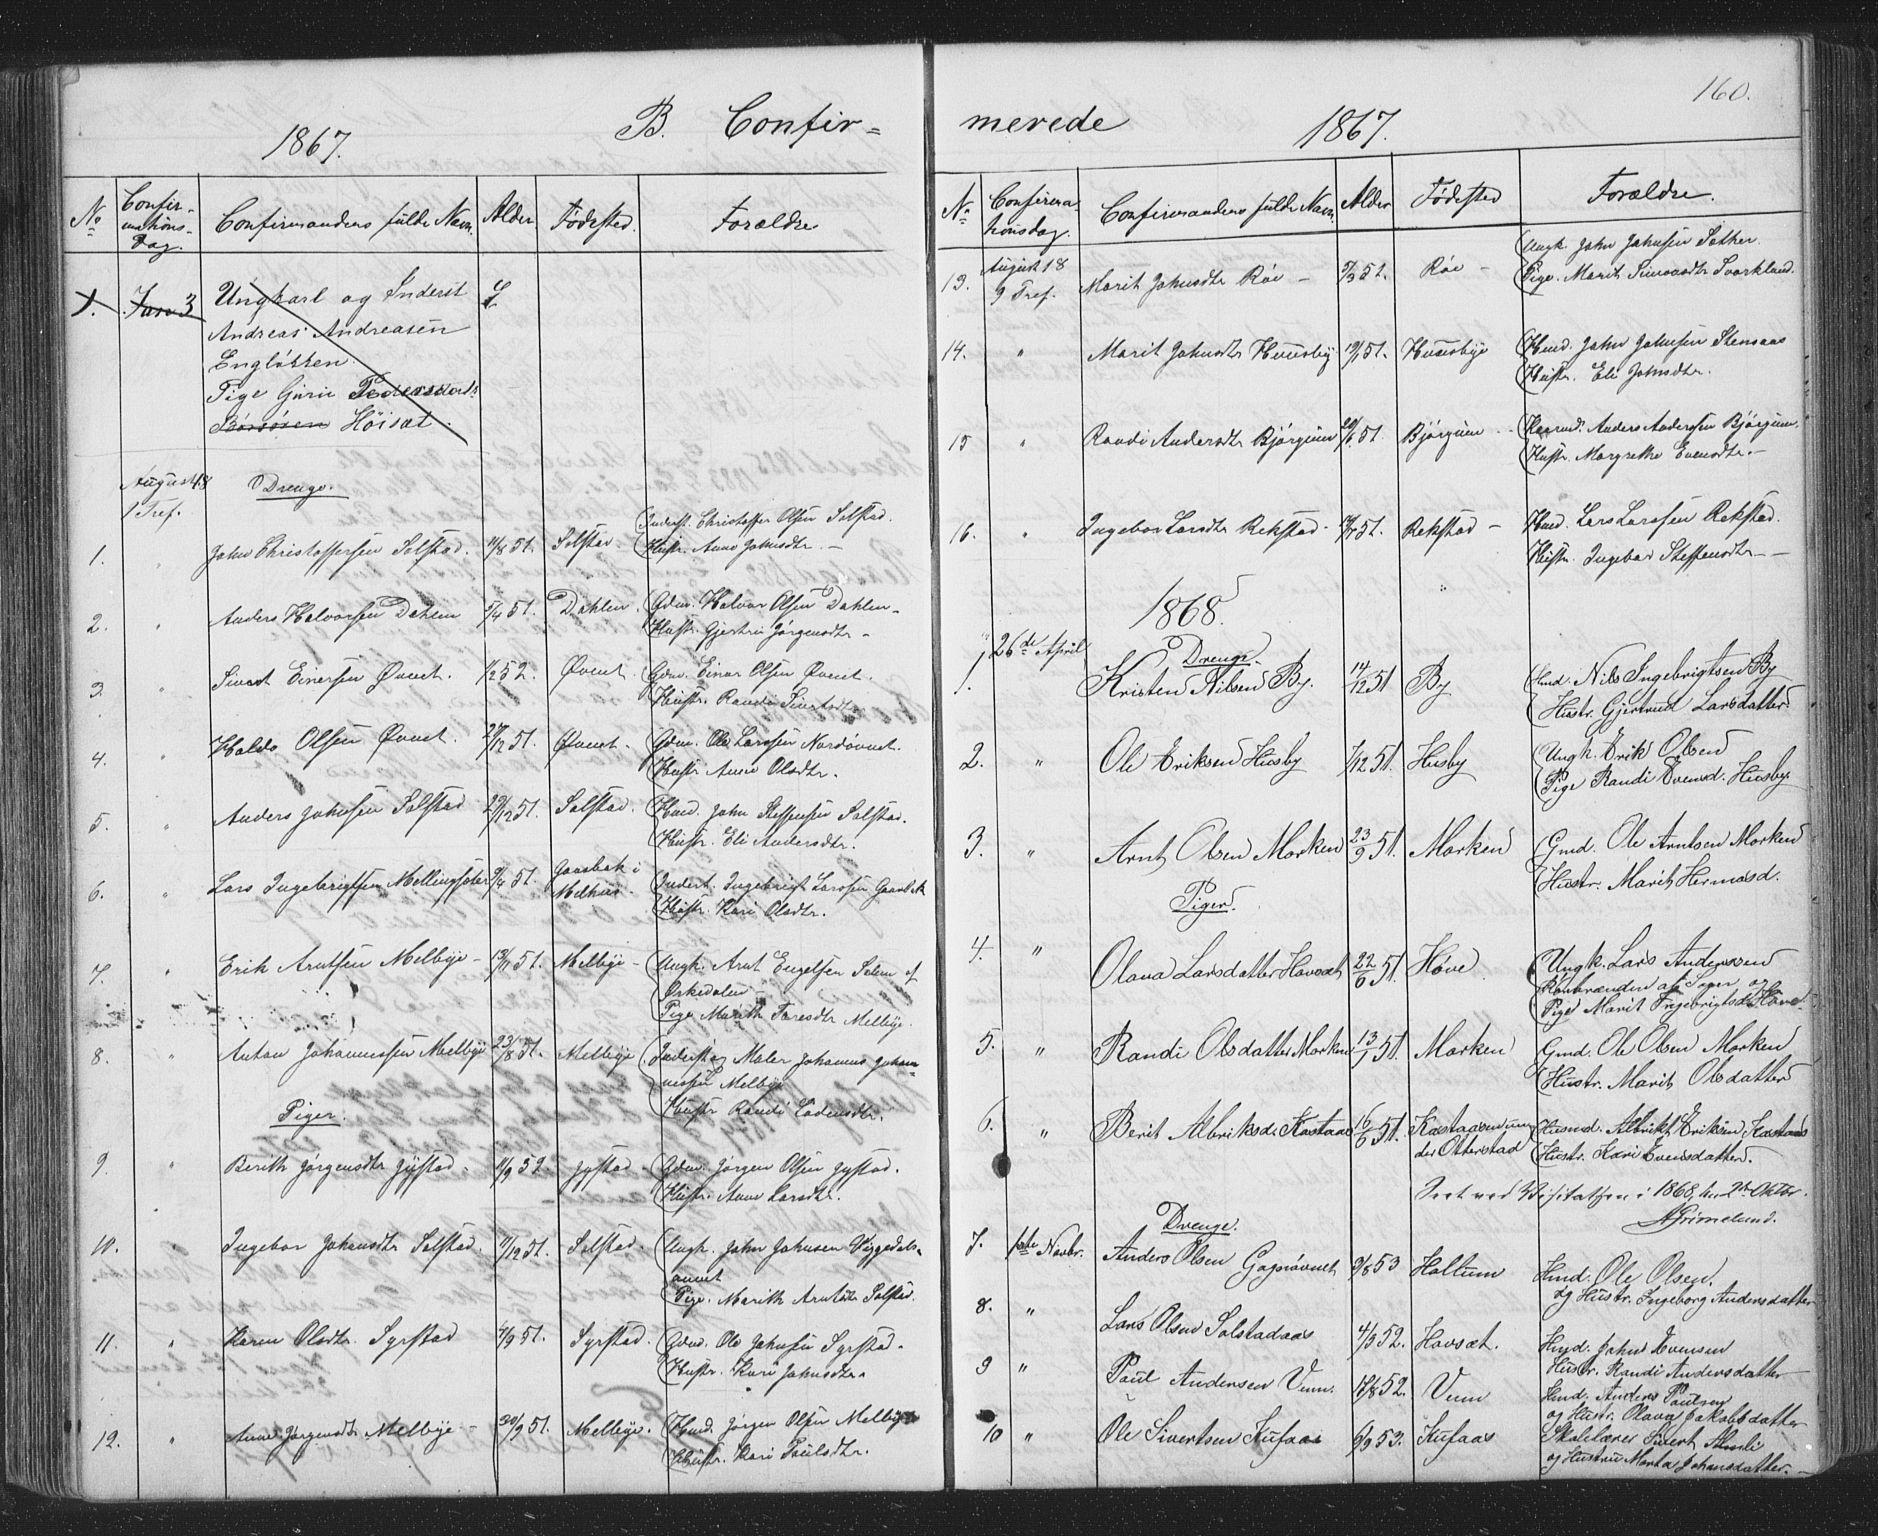 SAT, Ministerialprotokoller, klokkerbøker og fødselsregistre - Sør-Trøndelag, 667/L0798: Klokkerbok nr. 667C03, 1867-1929, s. 160